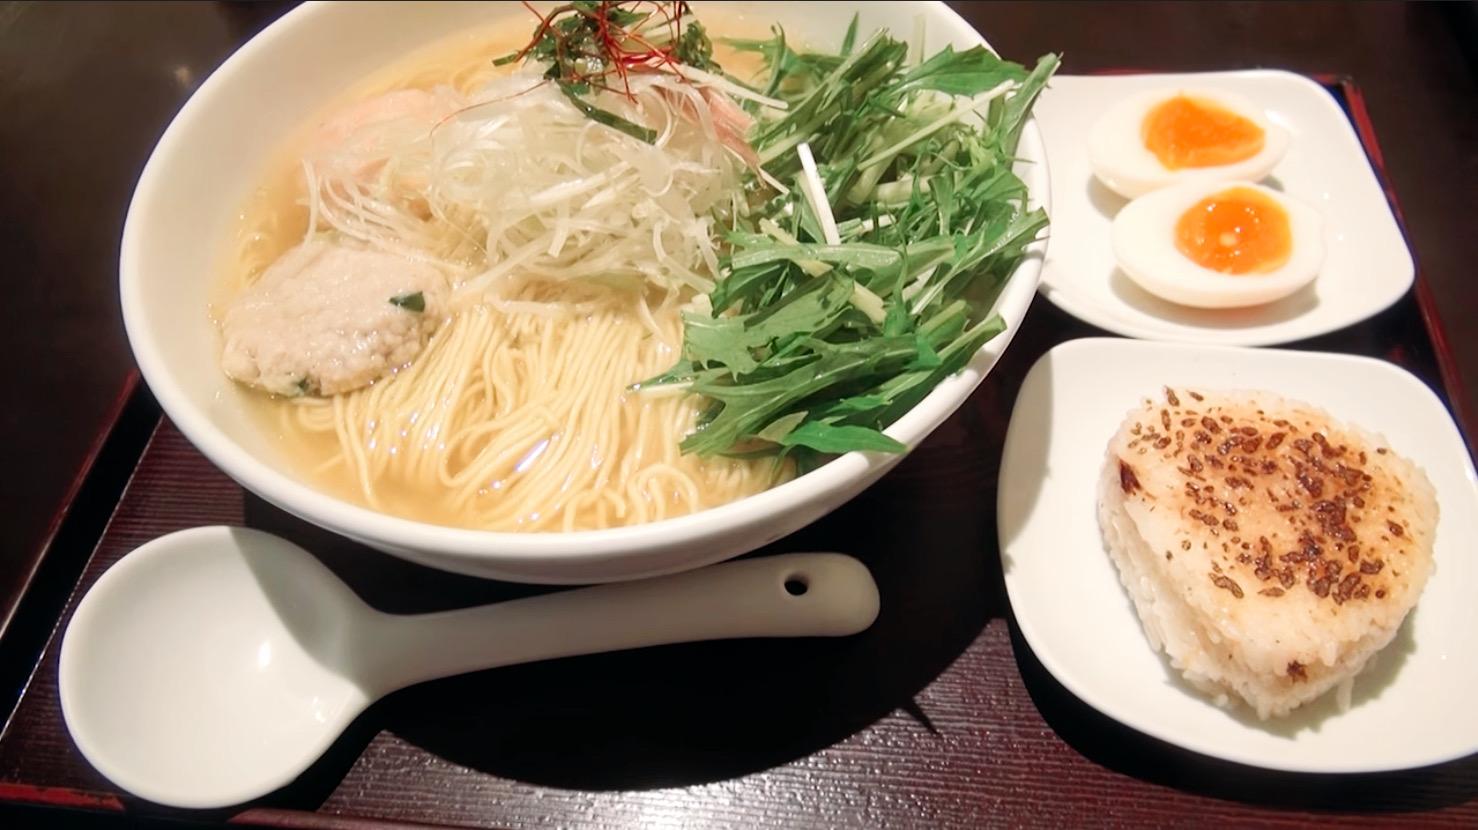 【麺屋 海神】あら炊き塩らぁめん(へしこおにぎり付き)+水菜:味玉 (東京都新宿区新宿) 第205回